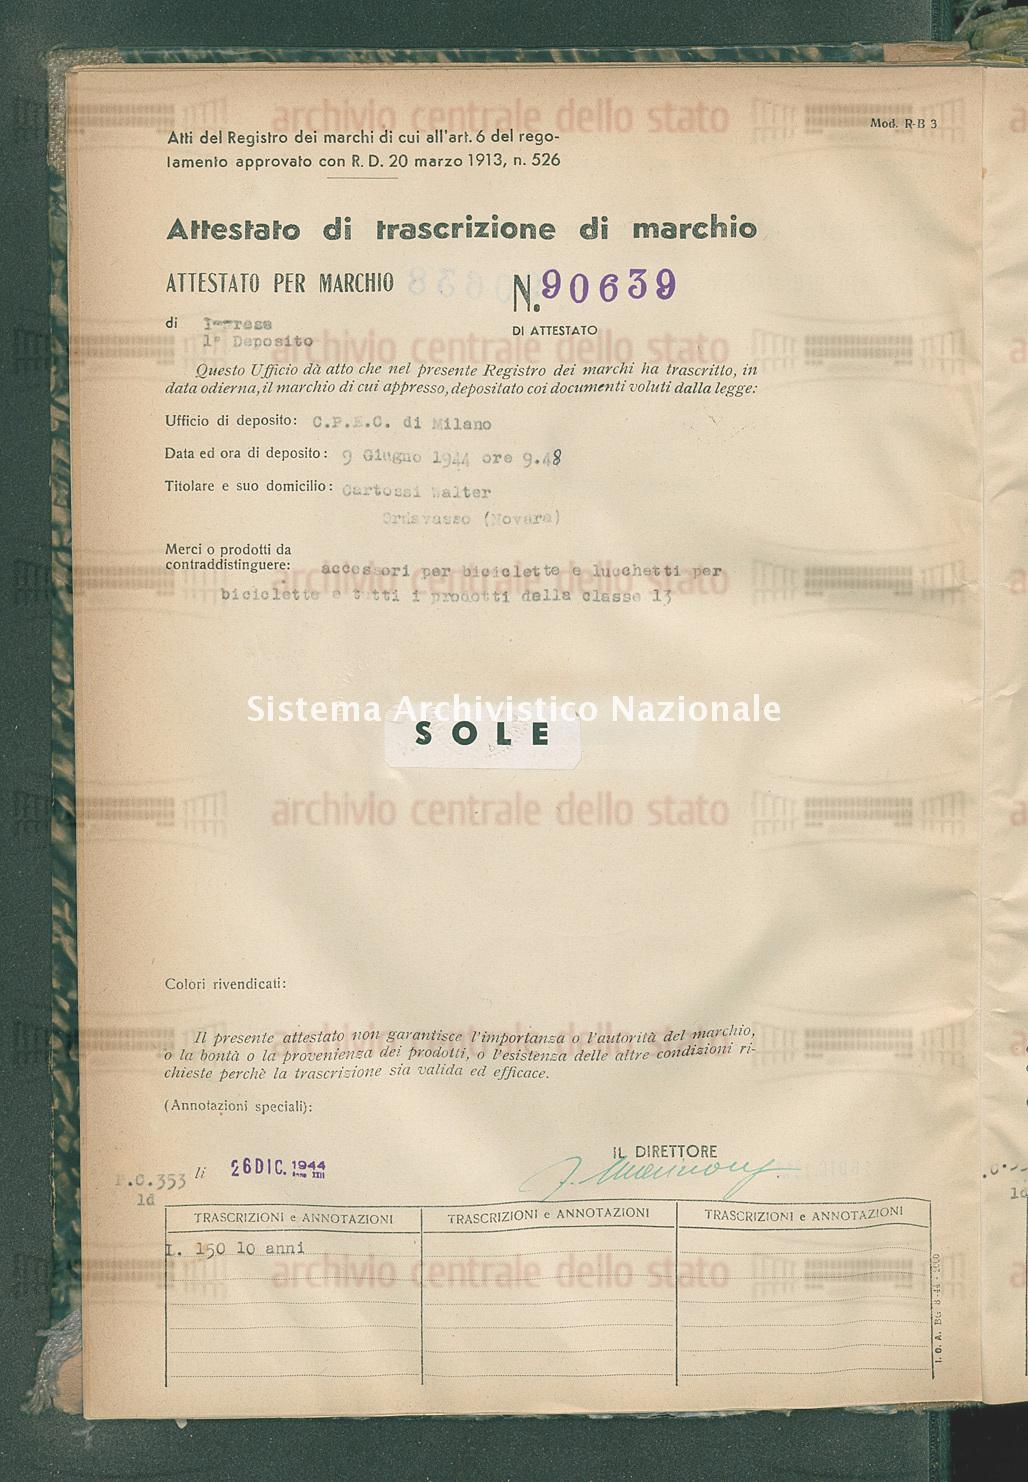 Accessori per biciclette e lucchetti per biciclette e tutti i ecc. Cartossi Walter (26/12/1944)